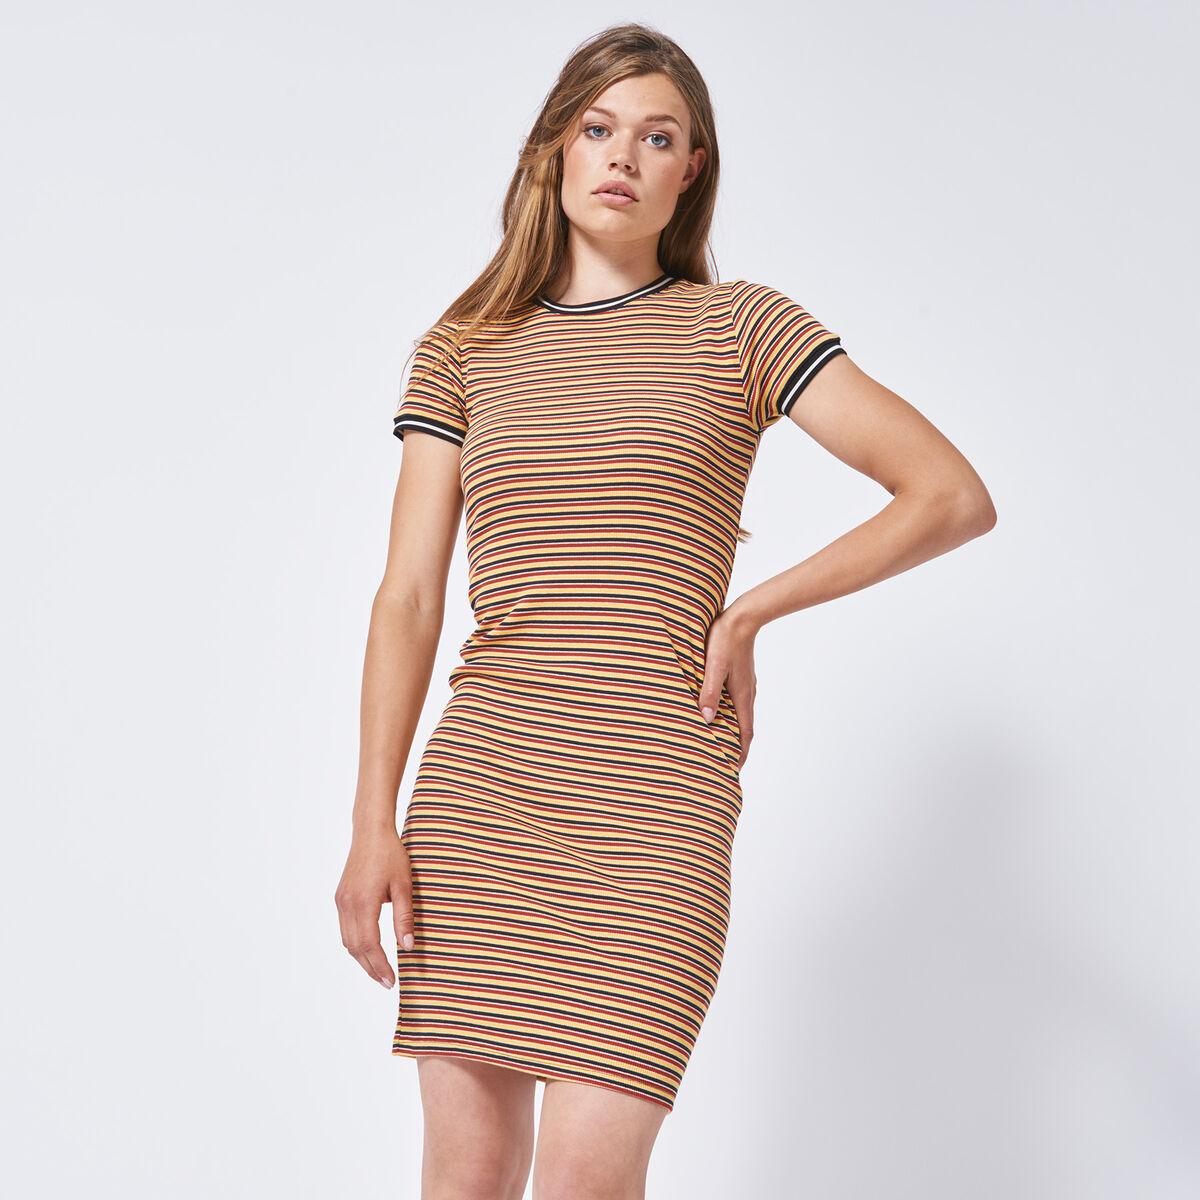 54c86c41a55c Damen Kleid Dibby Gelb Online Kaufen | America Today